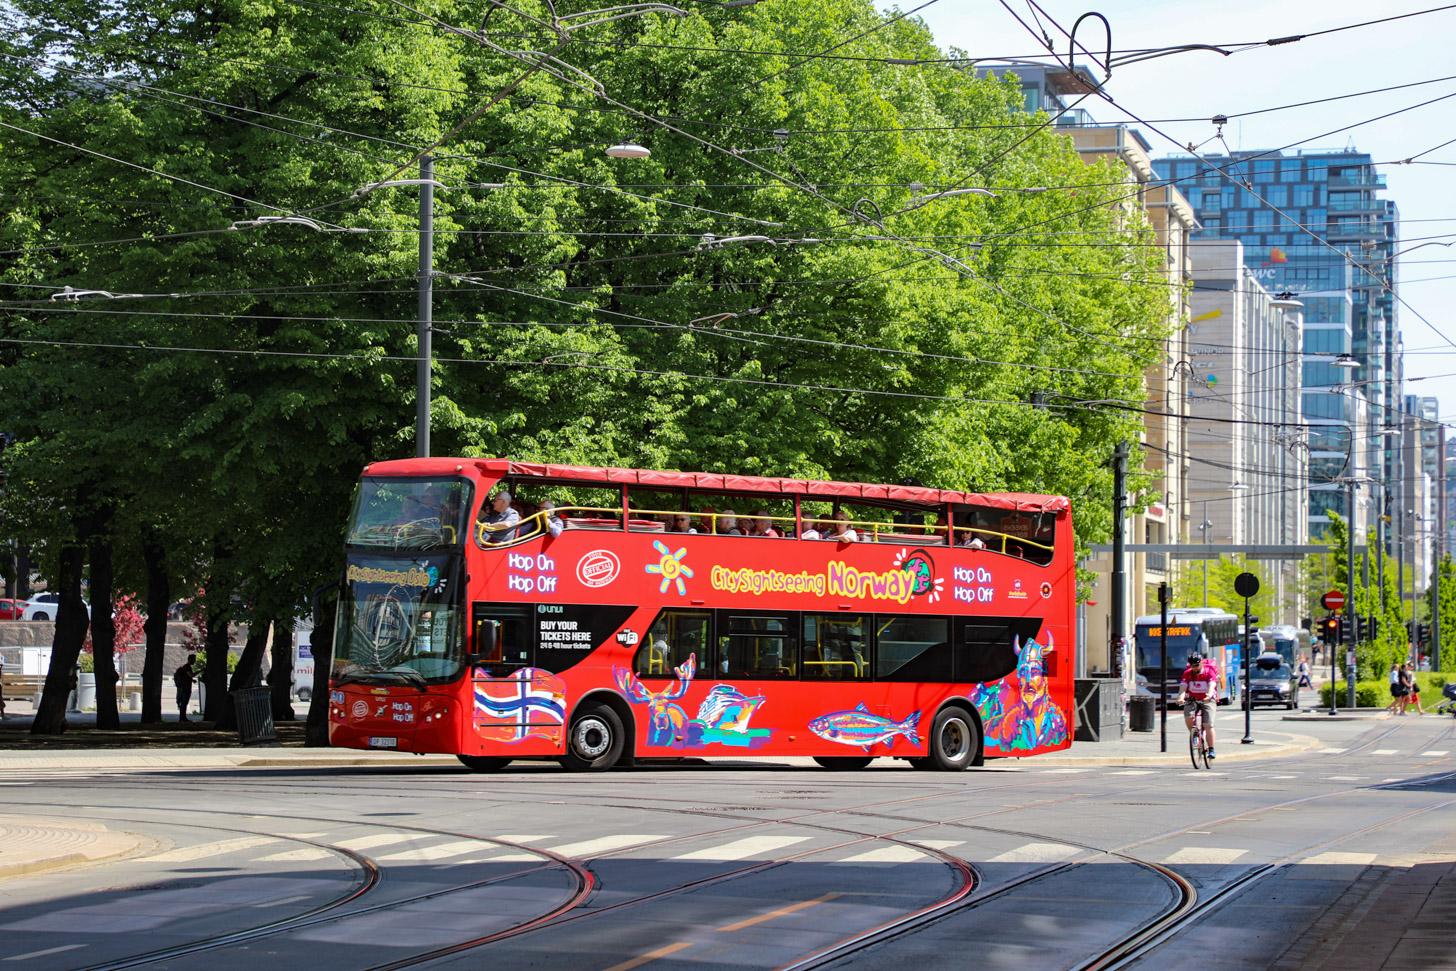 De hop on, hop off toeristenbus is geliefd onder toeristen